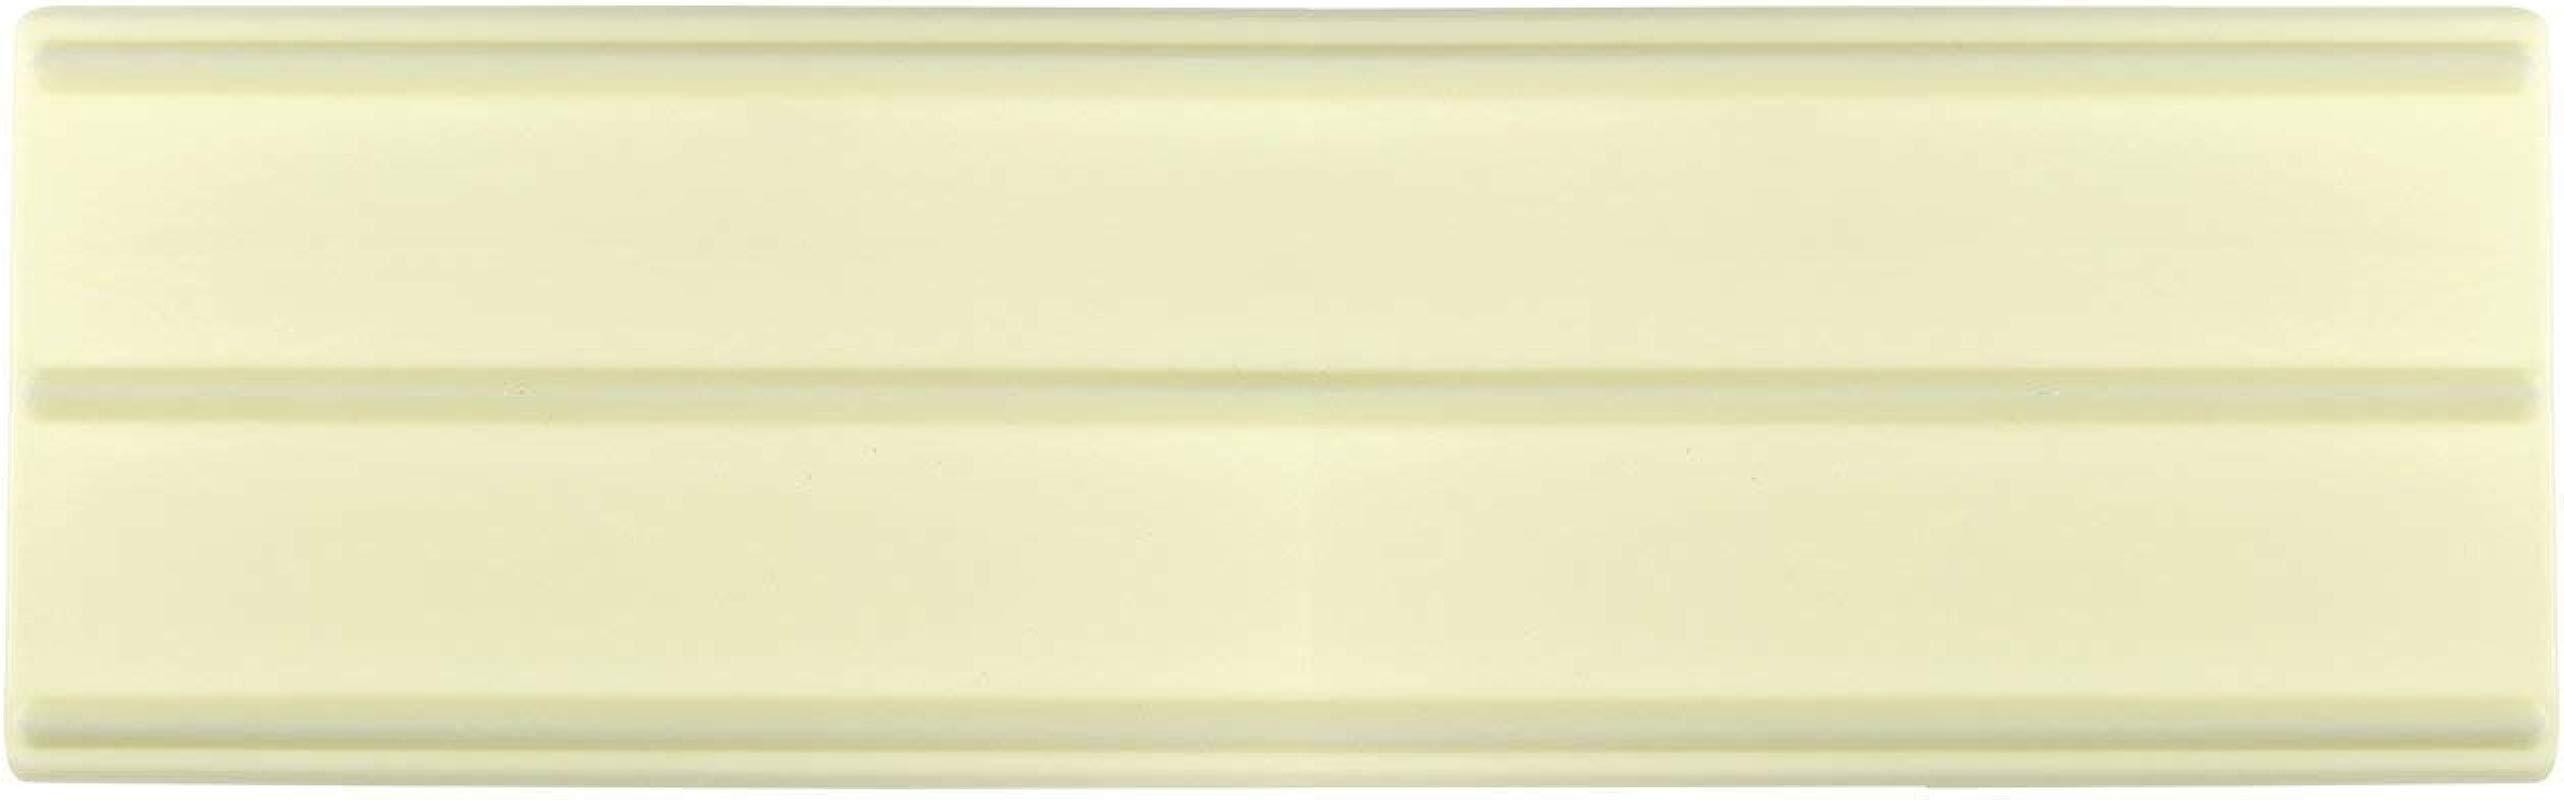 PME Plastic Cutter Strip No 4